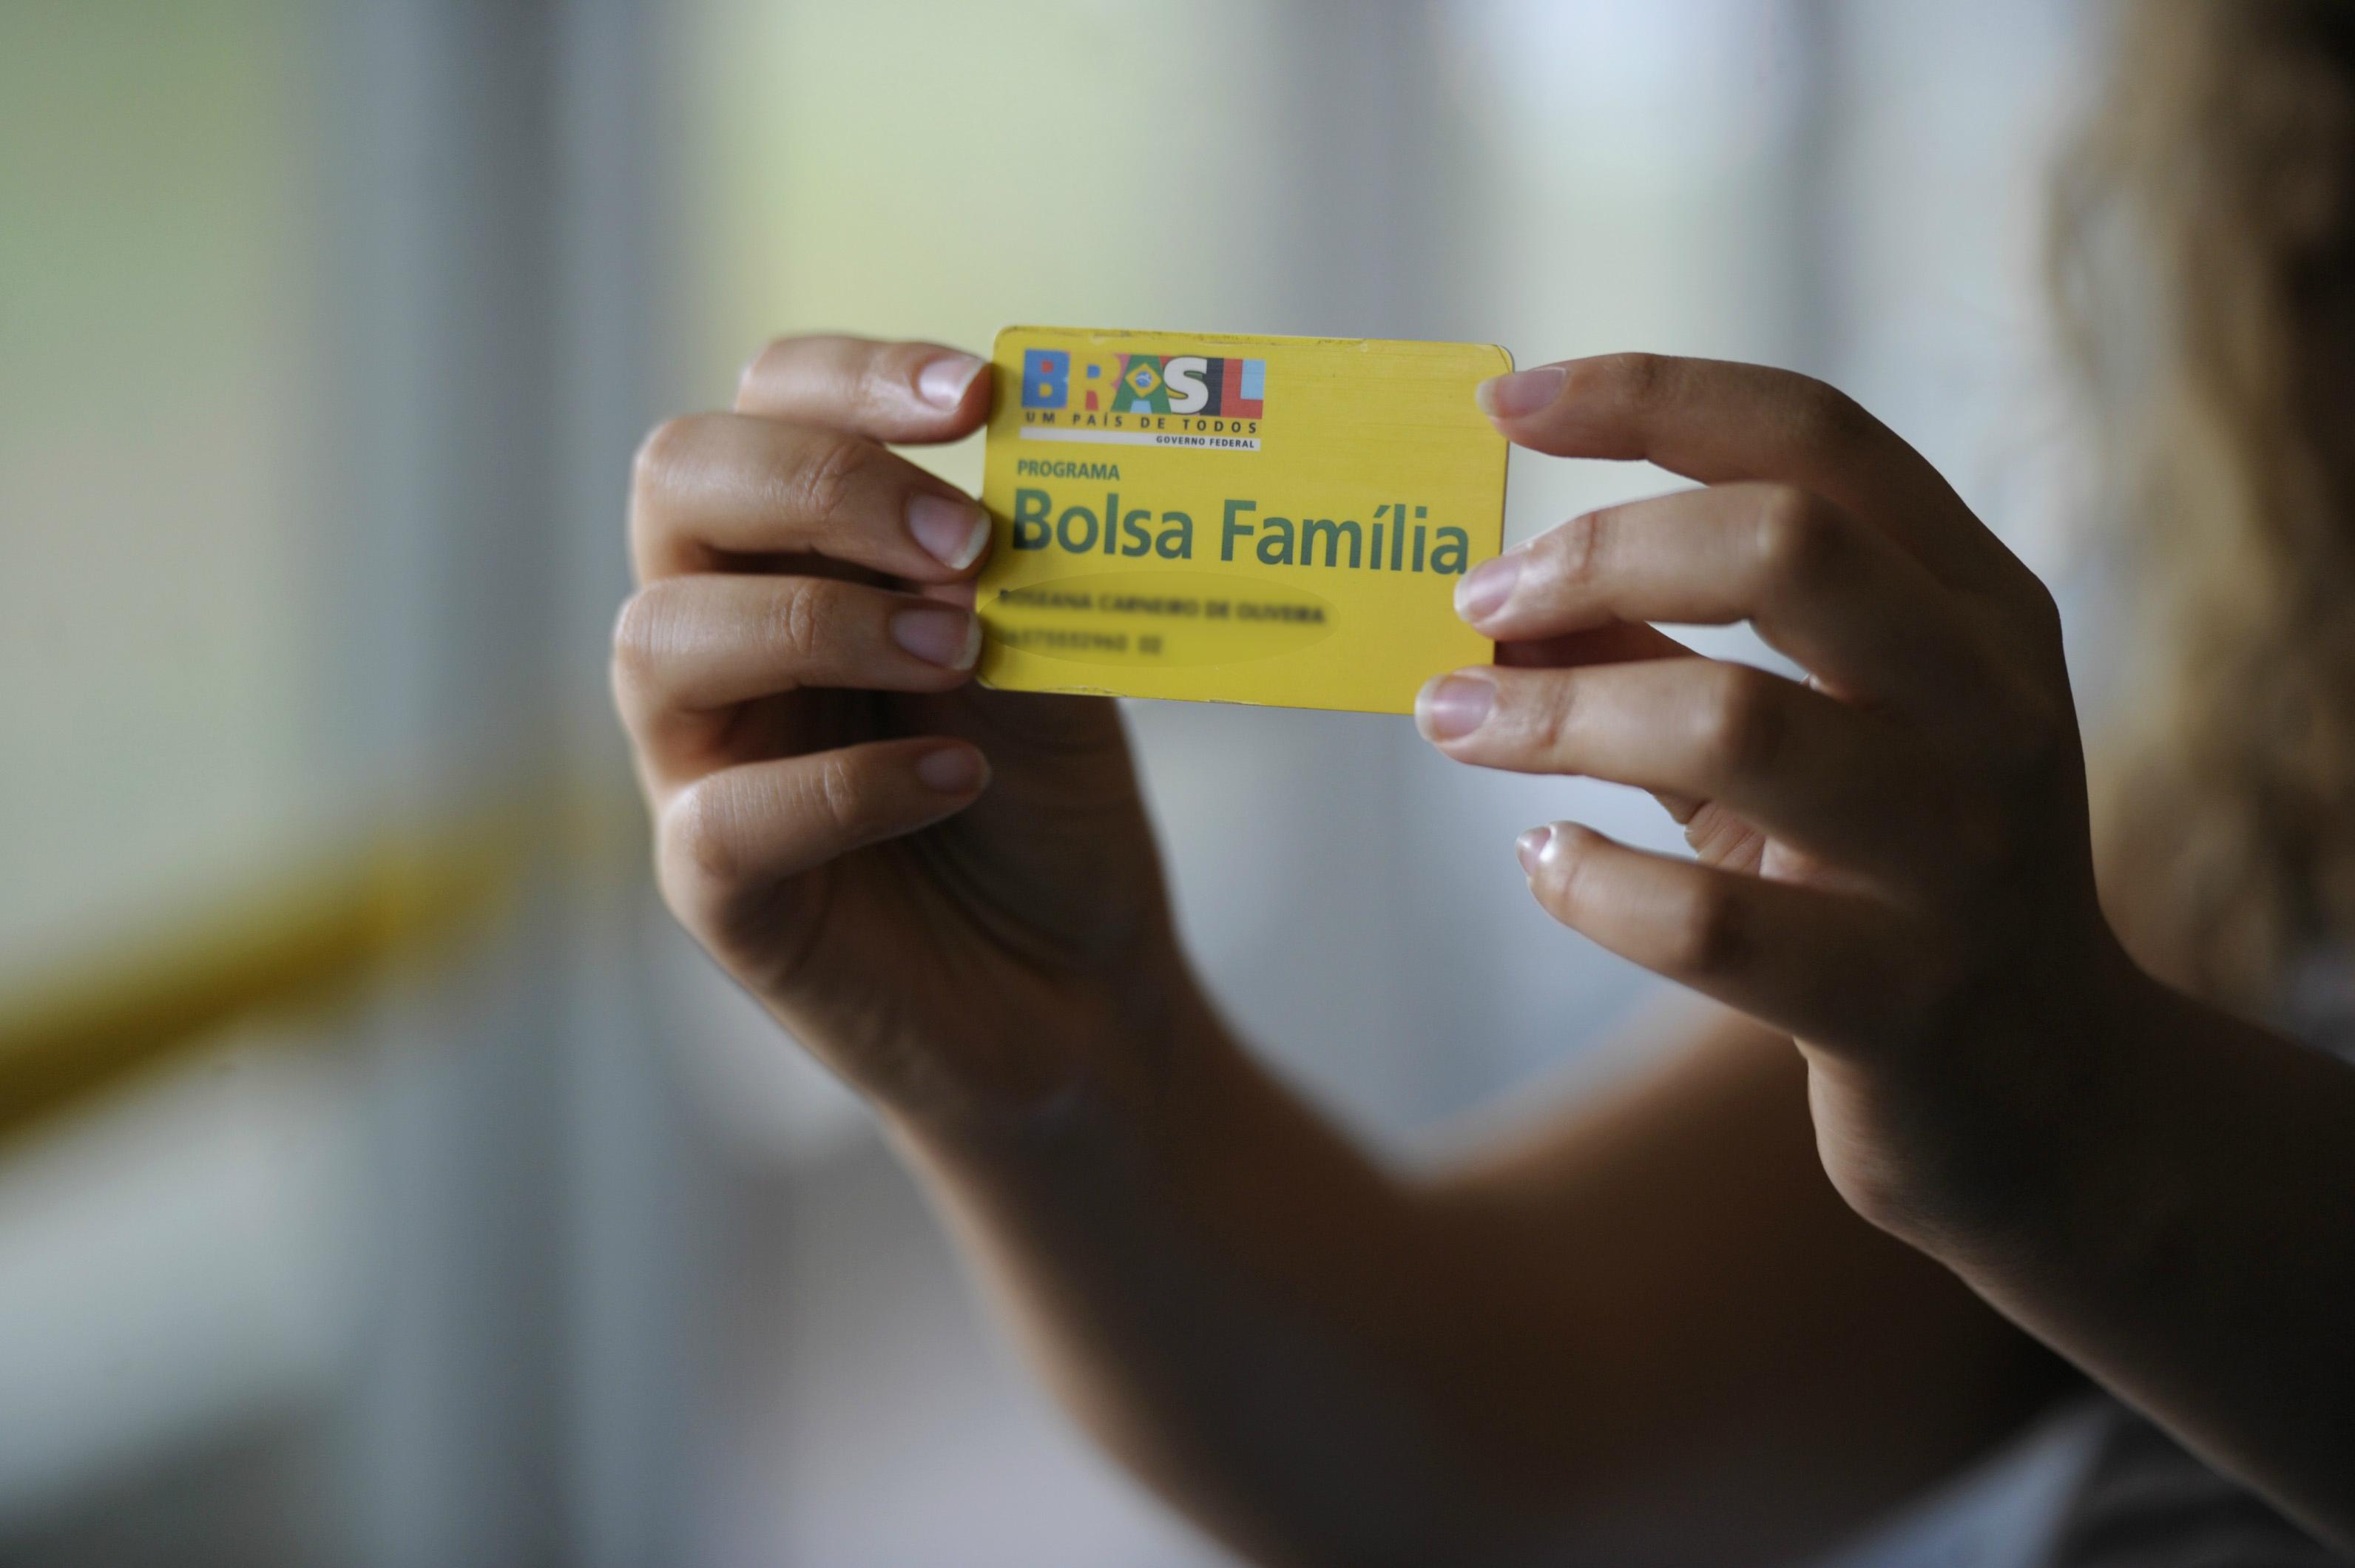 BOLSA-FAMILIA-agencia-senado-1